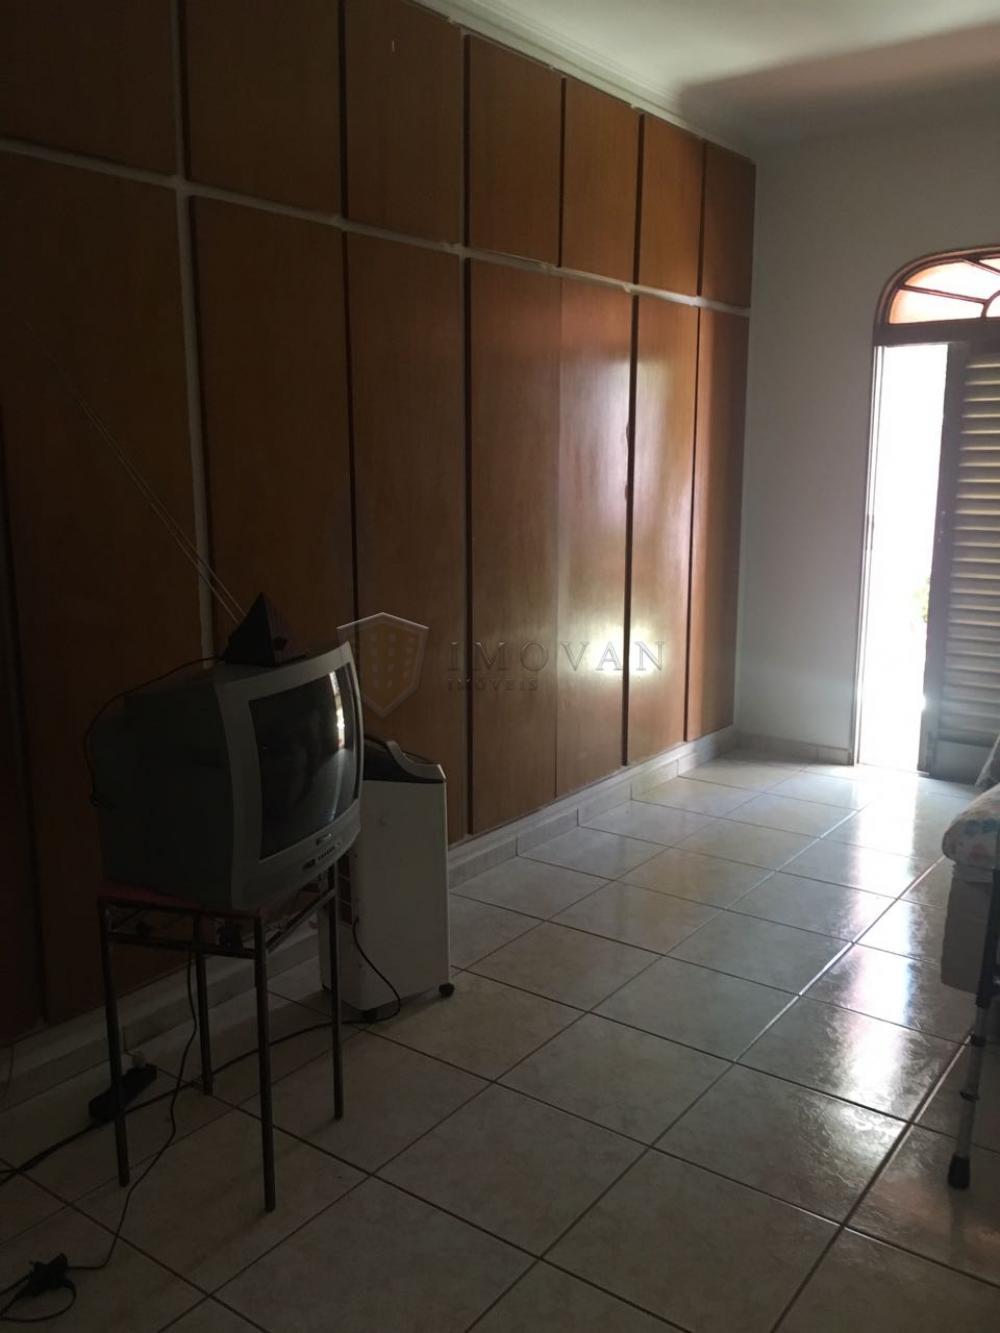 Alugar Casa / Padrão em Ribeirão Preto R$ 5.500,00 - Foto 8